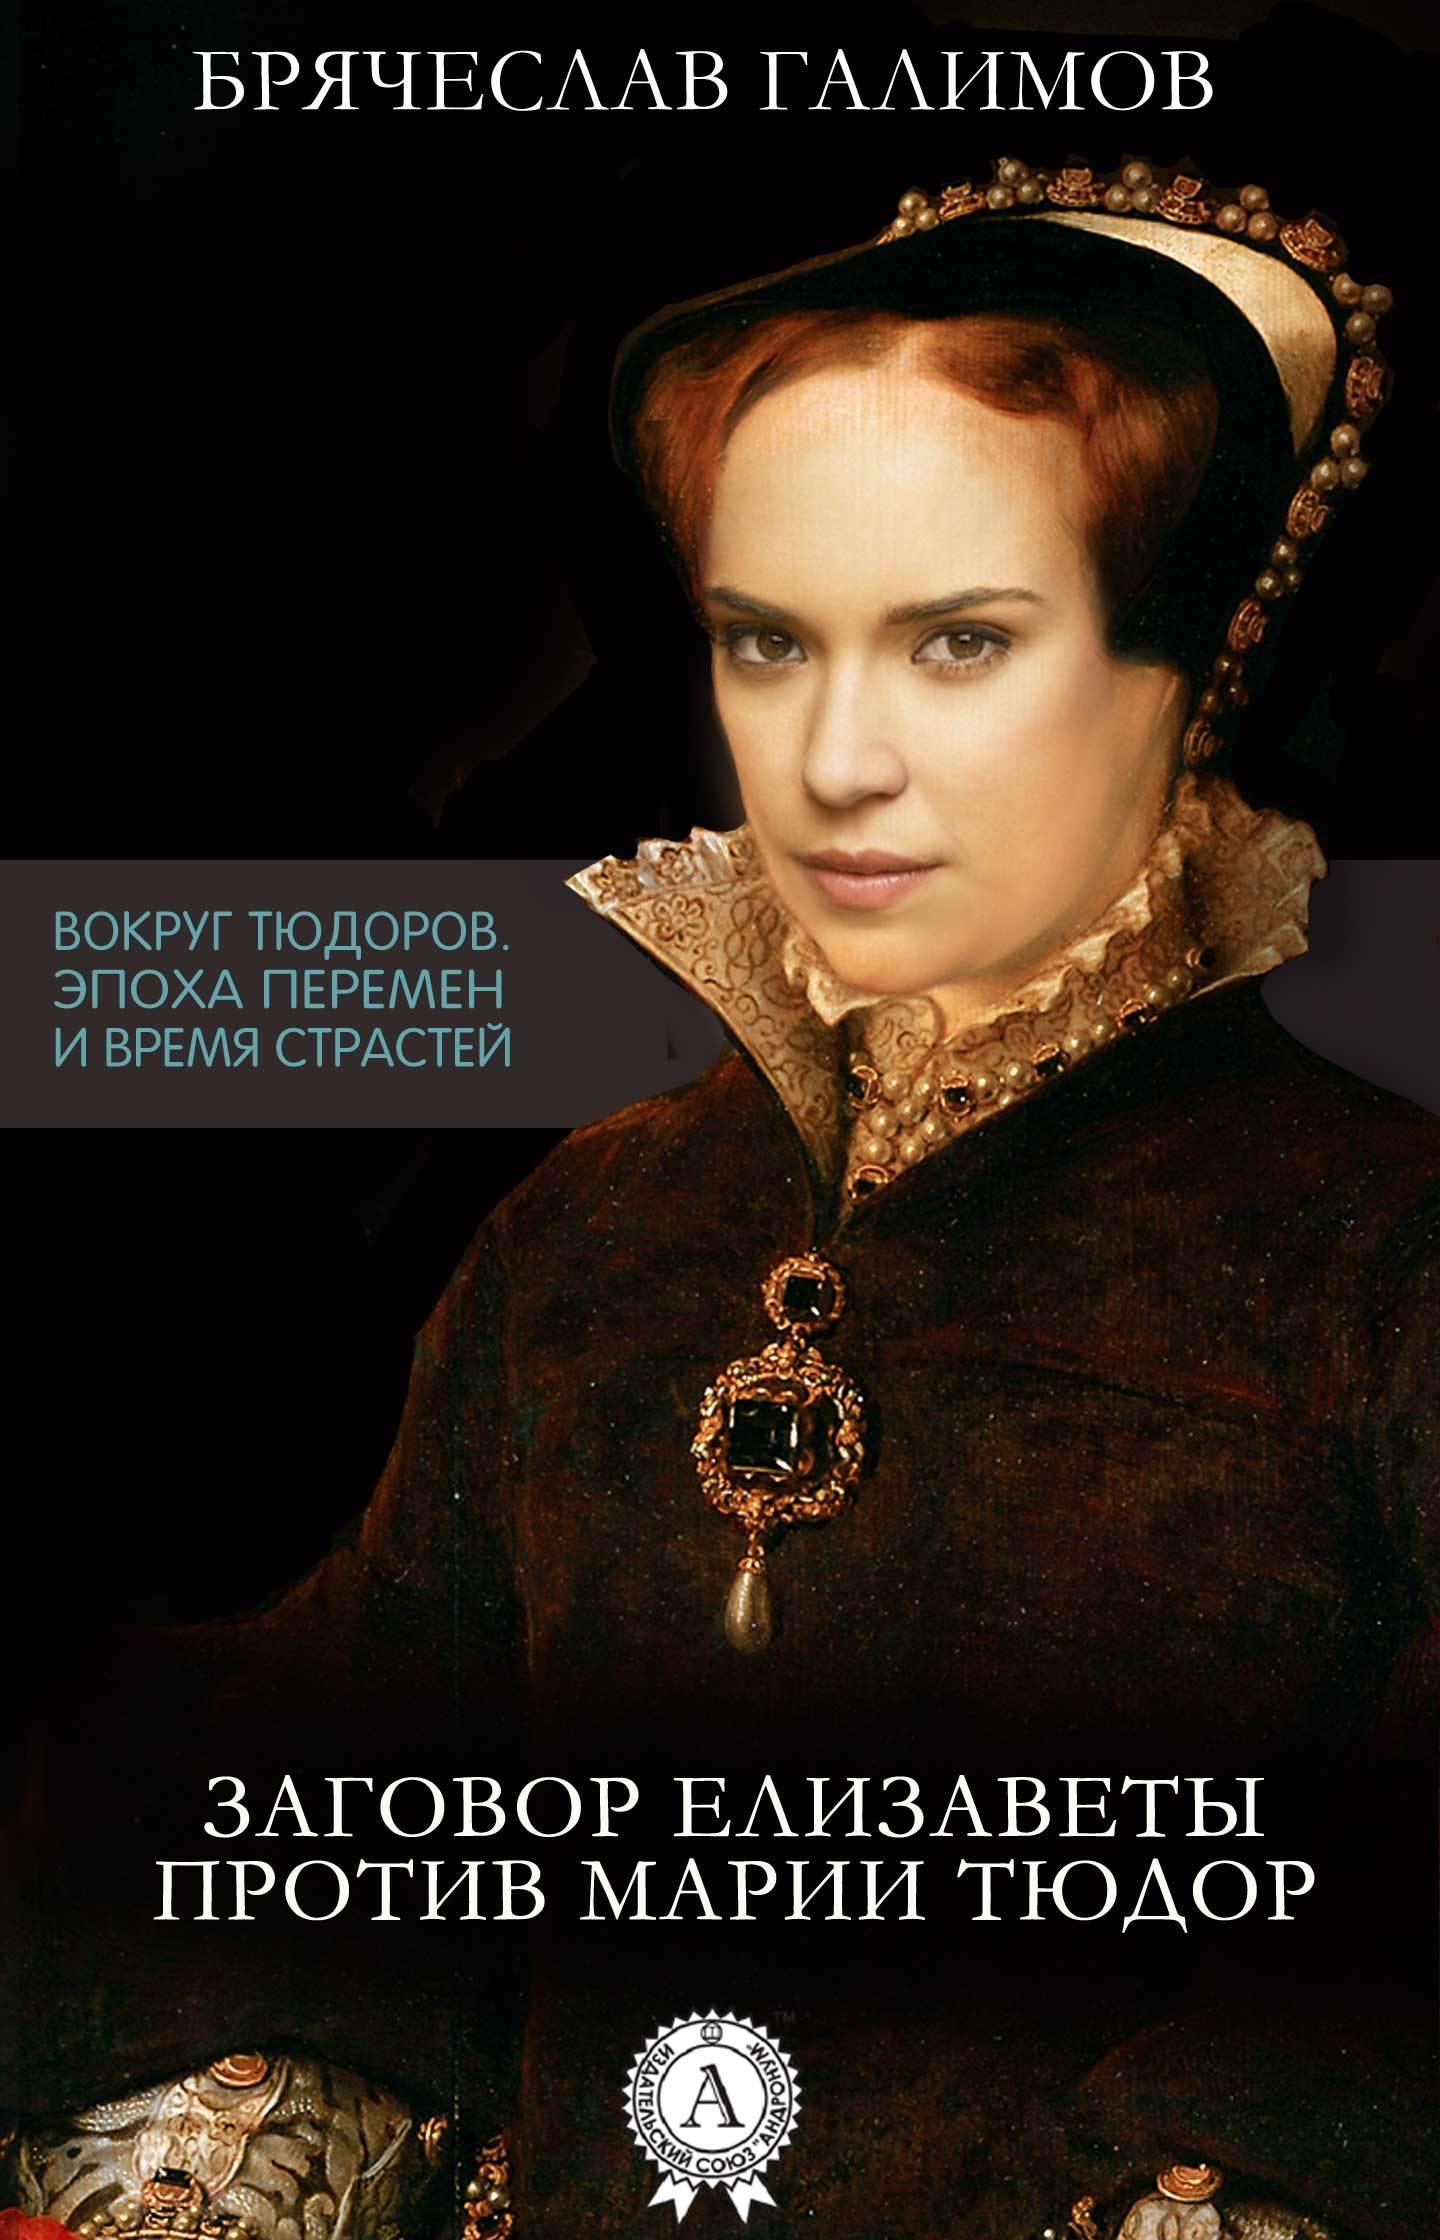 Галимов Брячеслав Заговор Елизаветы против ее сестры Марии Тюдор азбука заговор тюдоров